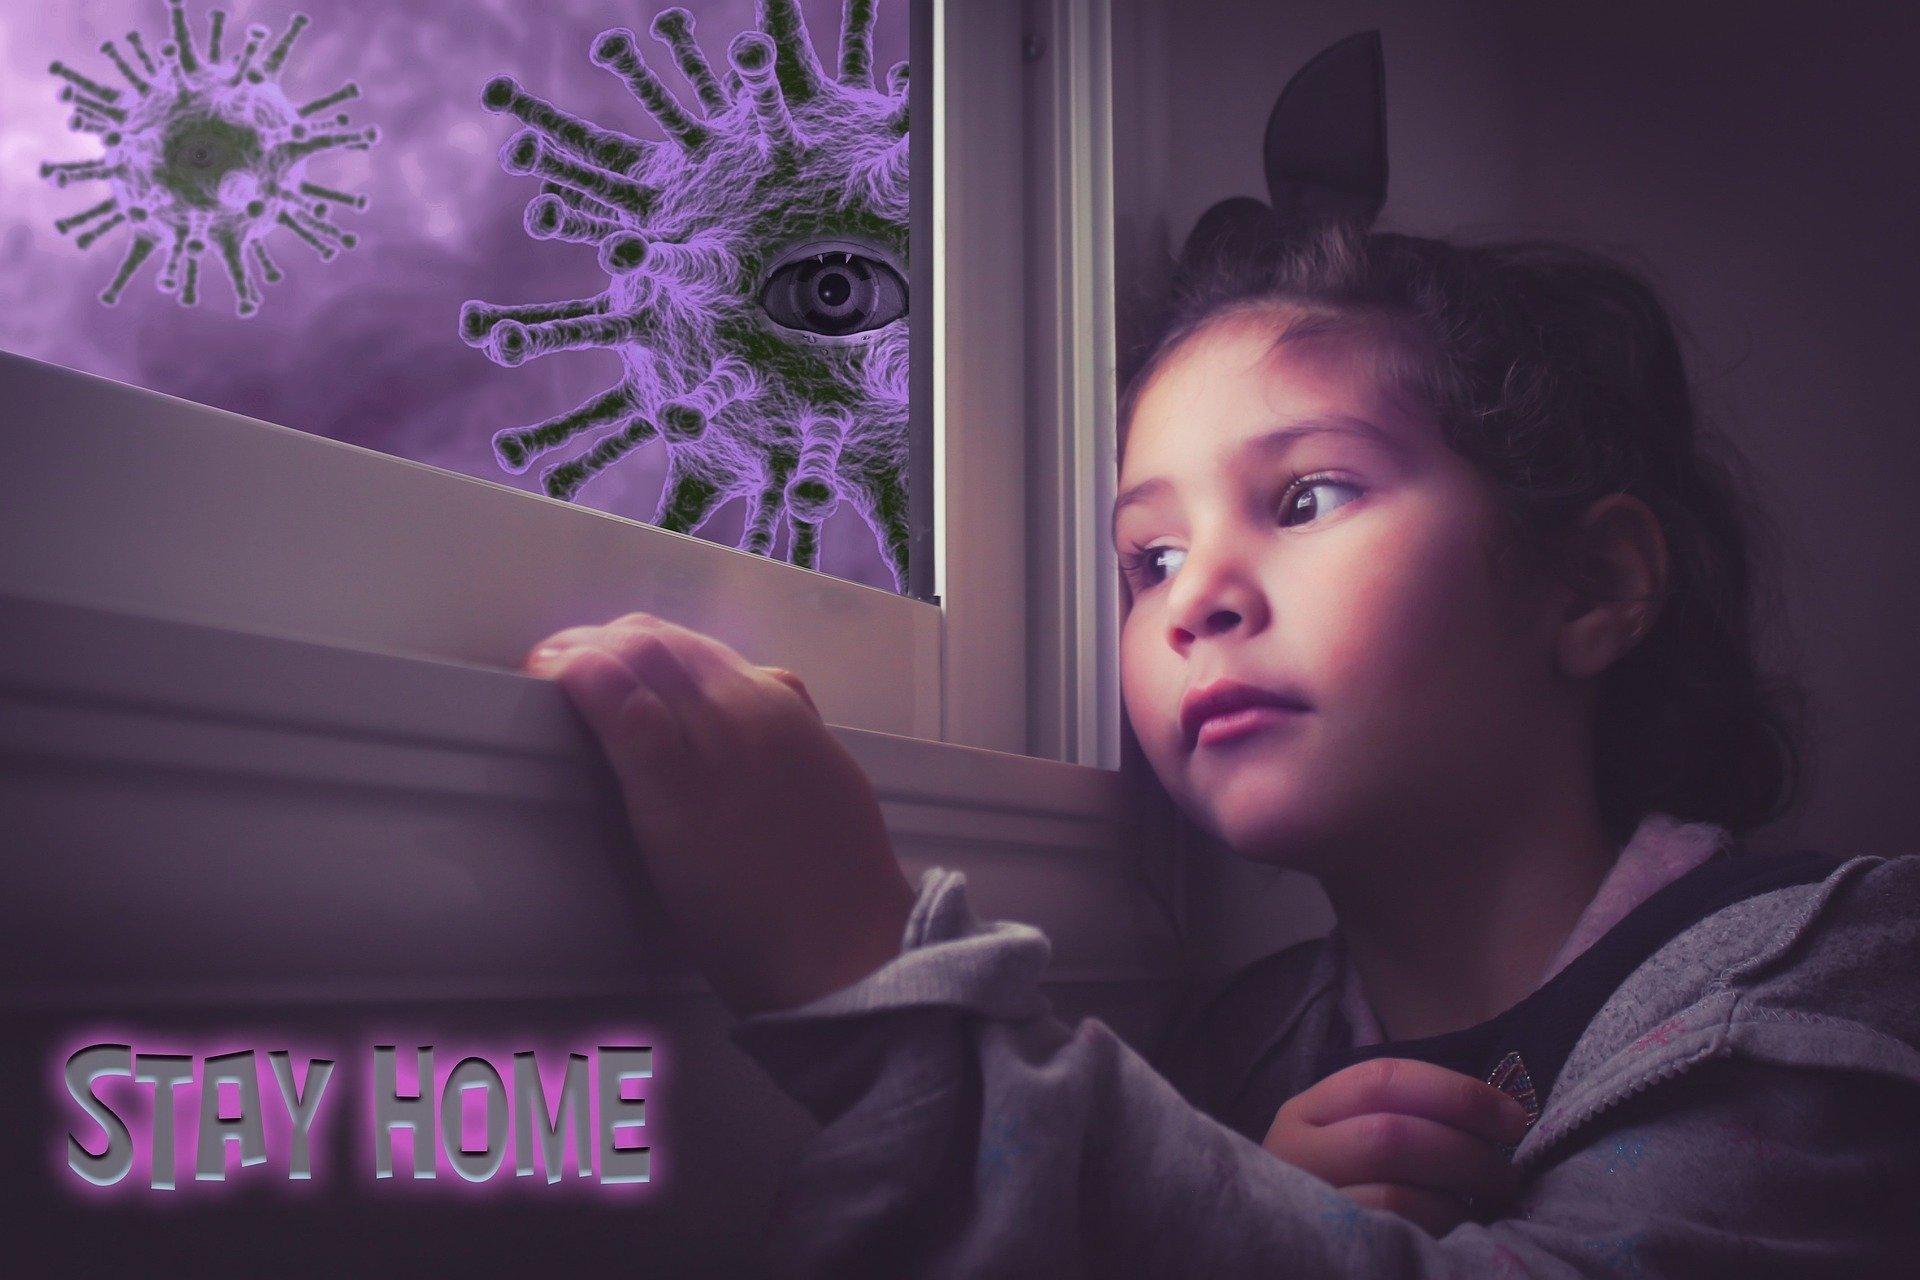 Оценены последствия для детей из-за пандемии